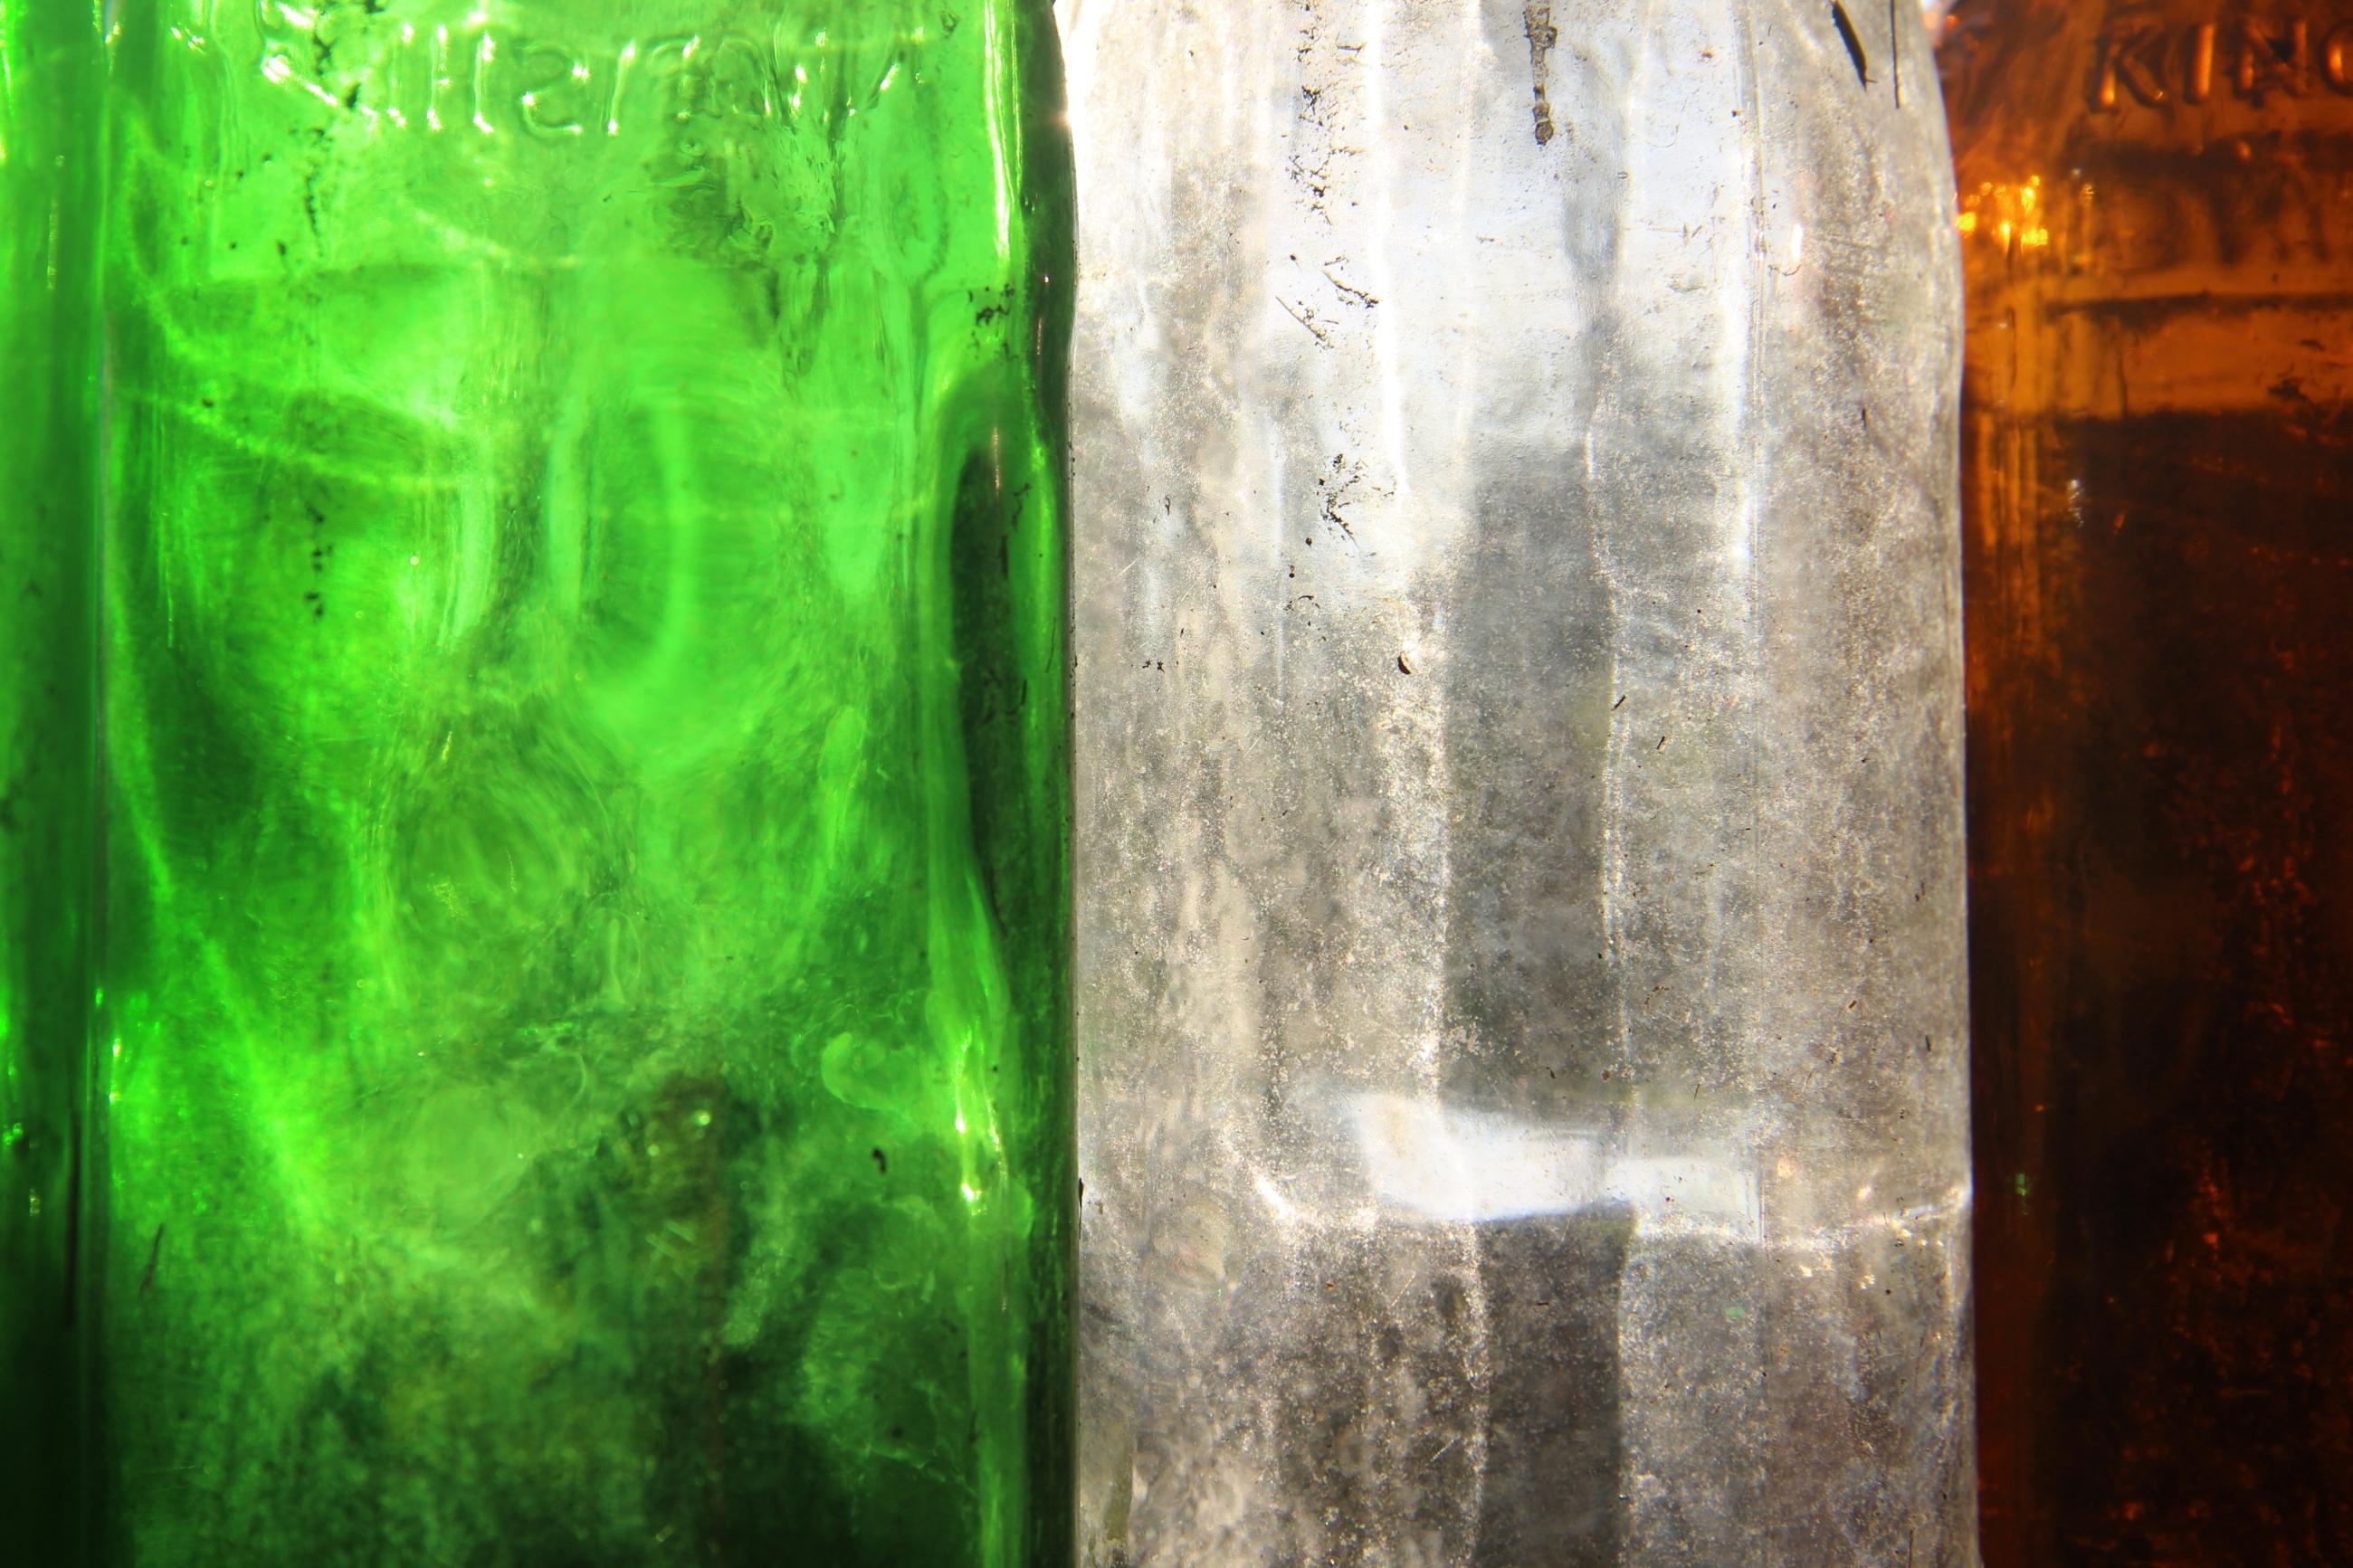 Foto: Bunte Glasflaschen: Grün, Weiß, Rot